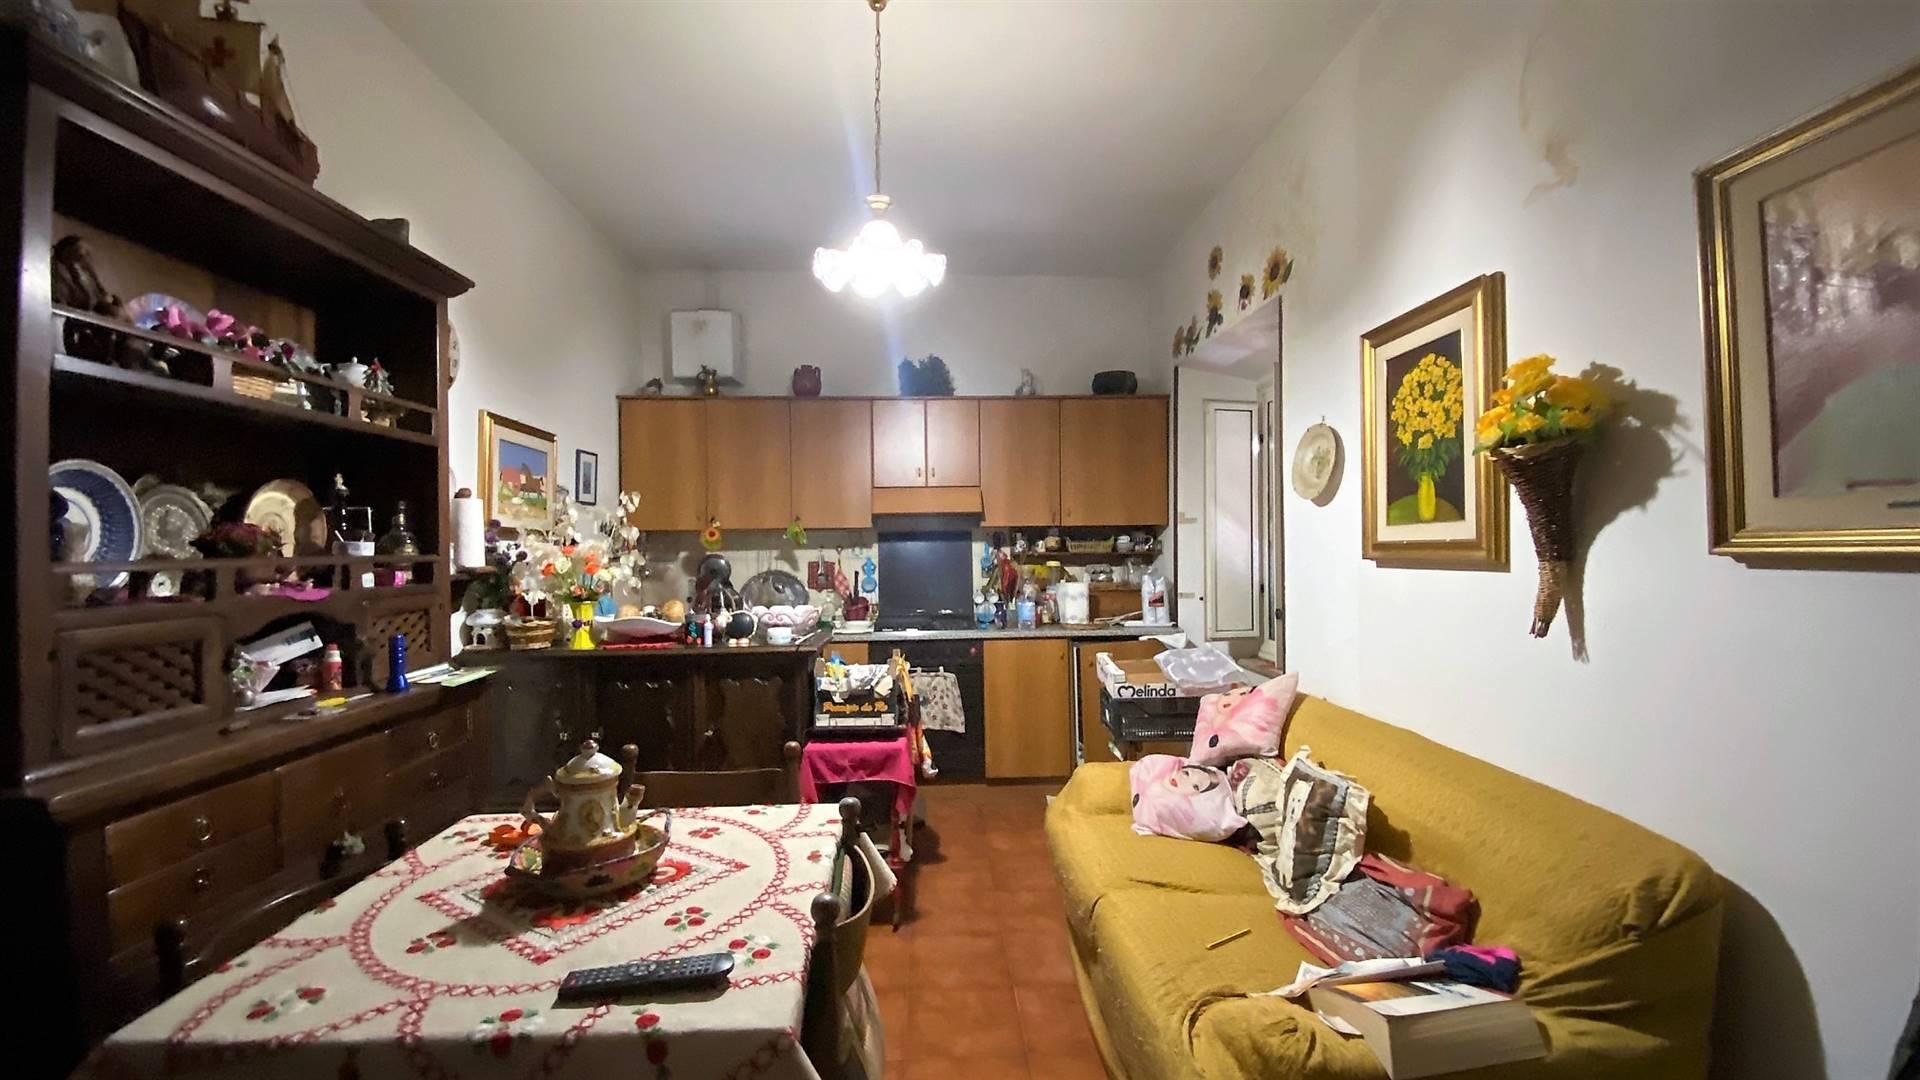 cucina - Rif. 985